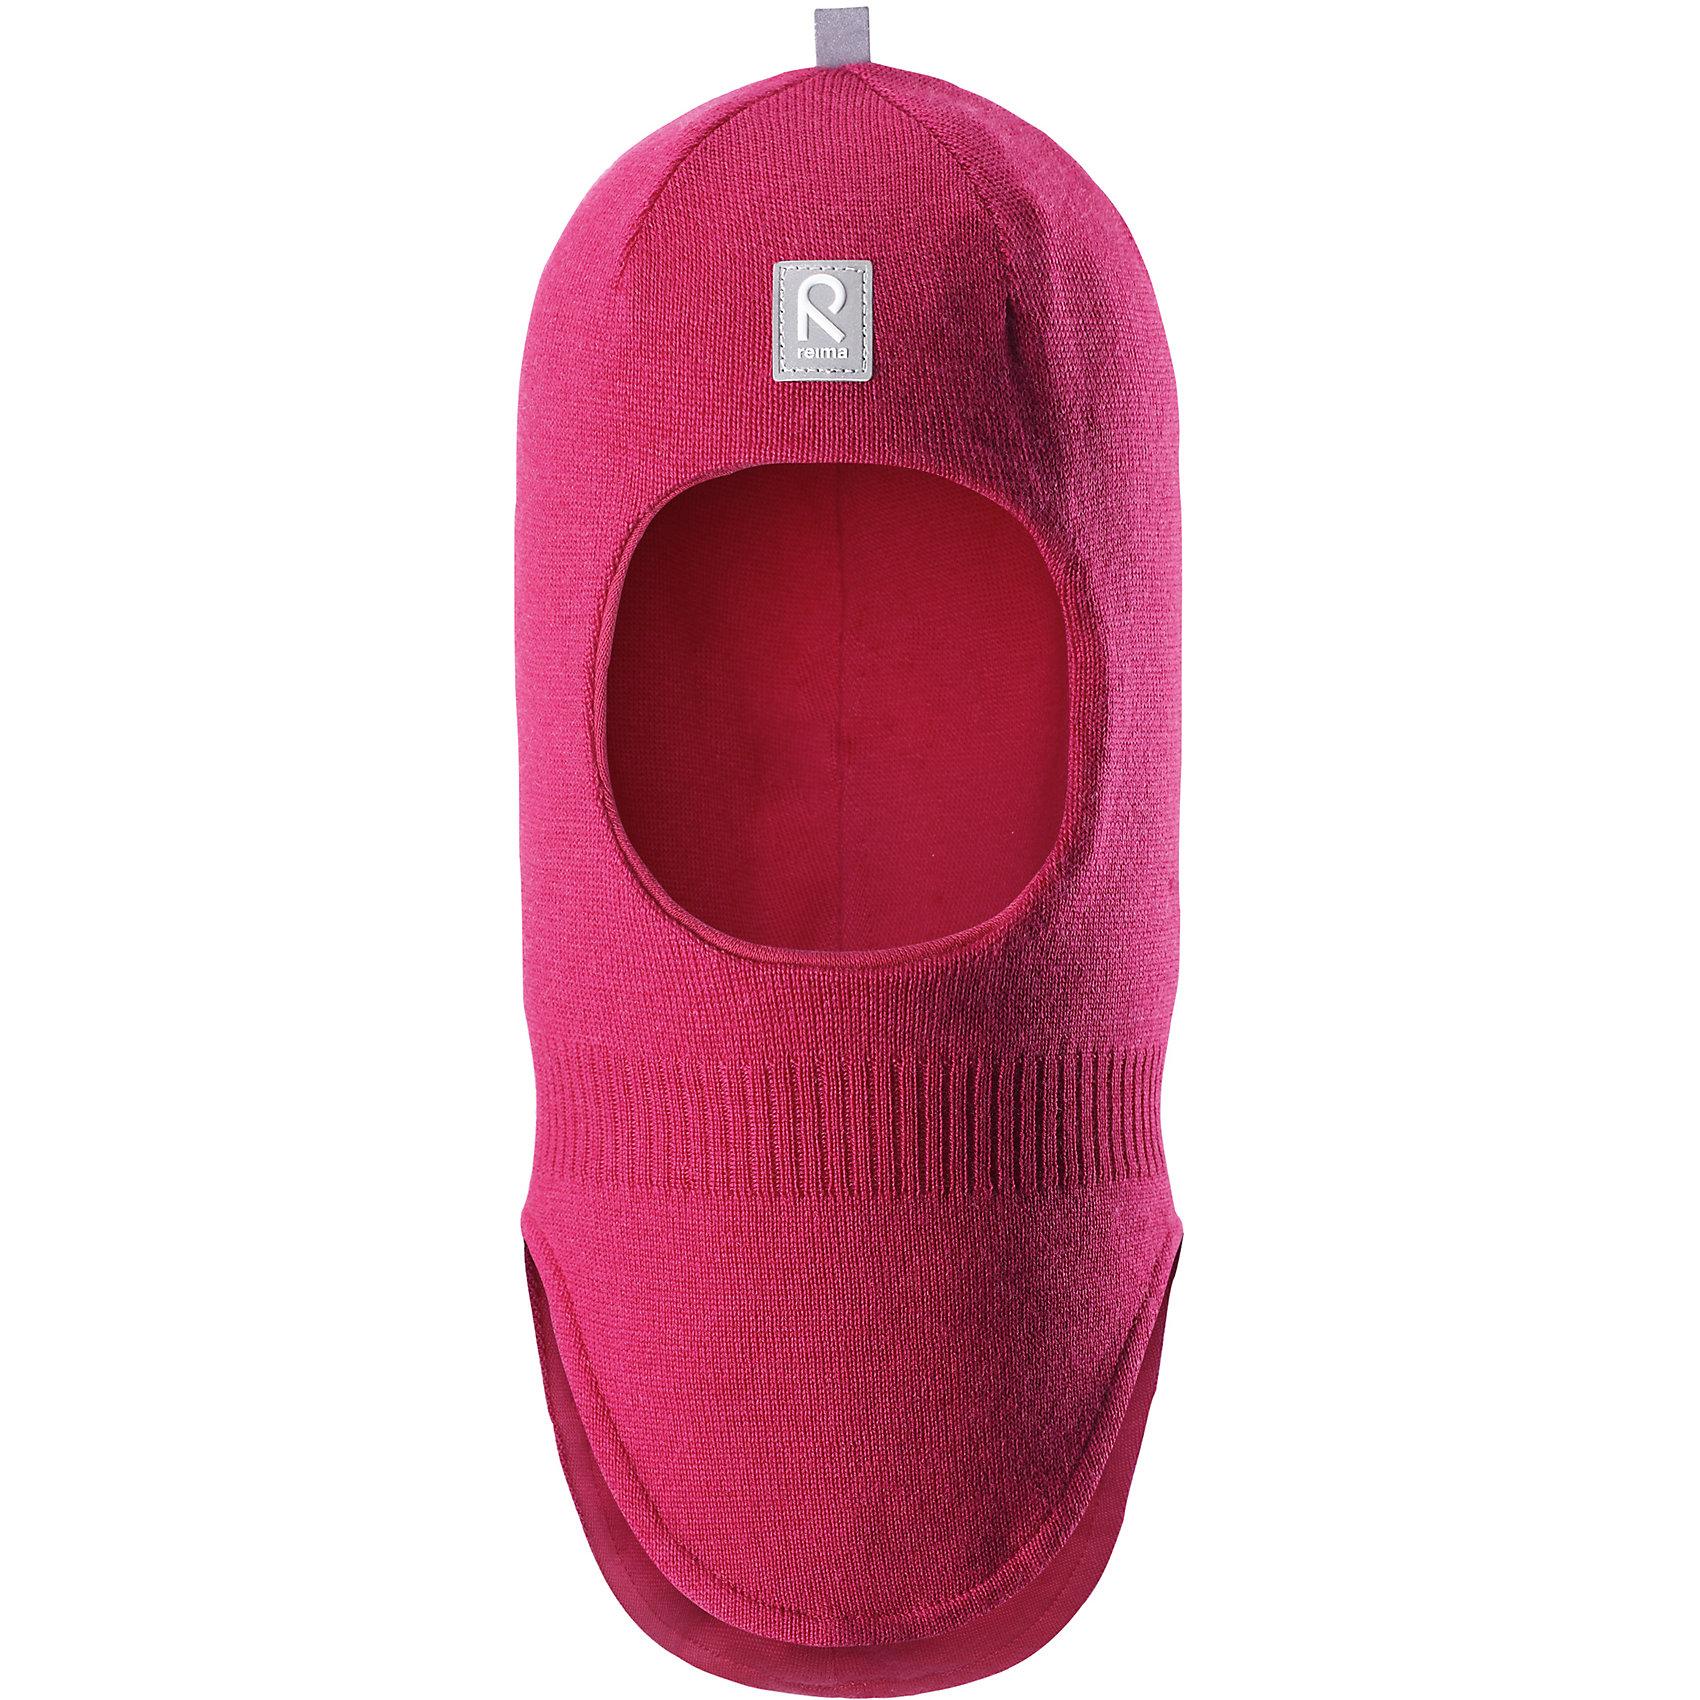 Шапка-шлем Reima StarrieГоловные уборы<br>Характеристики товара:<br><br>• цвет: фуксия;<br>• состав: 100% шерсть;<br>• подкладка: 97% хлопок, 3% эластан<br>• температурный режим: от 0 до -20С;<br>• сезон: зима; <br>• особенности модели: вязаная, на подкладке;<br>• мягкая ткань из мериносовой шерсти для поддержания идеальной температуры тела;<br>• сплошная подкладка: хлопковый трикотаж с эластаном;<br>• ветронепроницаемые вставки в области ушей;<br>• светоотражающая эмблема;<br>• логотип Reima спереди;<br>• страна бренда: Финляндия;<br>• страна изготовитель: Китай.<br><br>Вязаная шапка-шлем из коллекции Reima® Originals защищает голову малыша в холодную пору. Эта шапка-шлем для малышей и детей постарше связана из теплой шерсти и подшита мягкой на ощупь подкладкой из смеси хлопка и эластана, которая удобно облегает голову.<br><br>Ветронепроницаемые вставки в области ушей, вшитые между подкладкой и верхним слоем, защищают ушки от холодного ветра. Эта классическая модель хорошо закрывает лоб, щечки и шею. <br><br>Шапка-шлем Reima Starrie от финского бренда Reima (Рейма) можно купить в нашем интернет-магазине.<br><br>Ширина мм: 89<br>Глубина мм: 117<br>Высота мм: 44<br>Вес г: 155<br>Цвет: розовый<br>Возраст от месяцев: 72<br>Возраст до месяцев: 84<br>Пол: Унисекс<br>Возраст: Детский<br>Размер: 54,50,52,46,48<br>SKU: 6906958